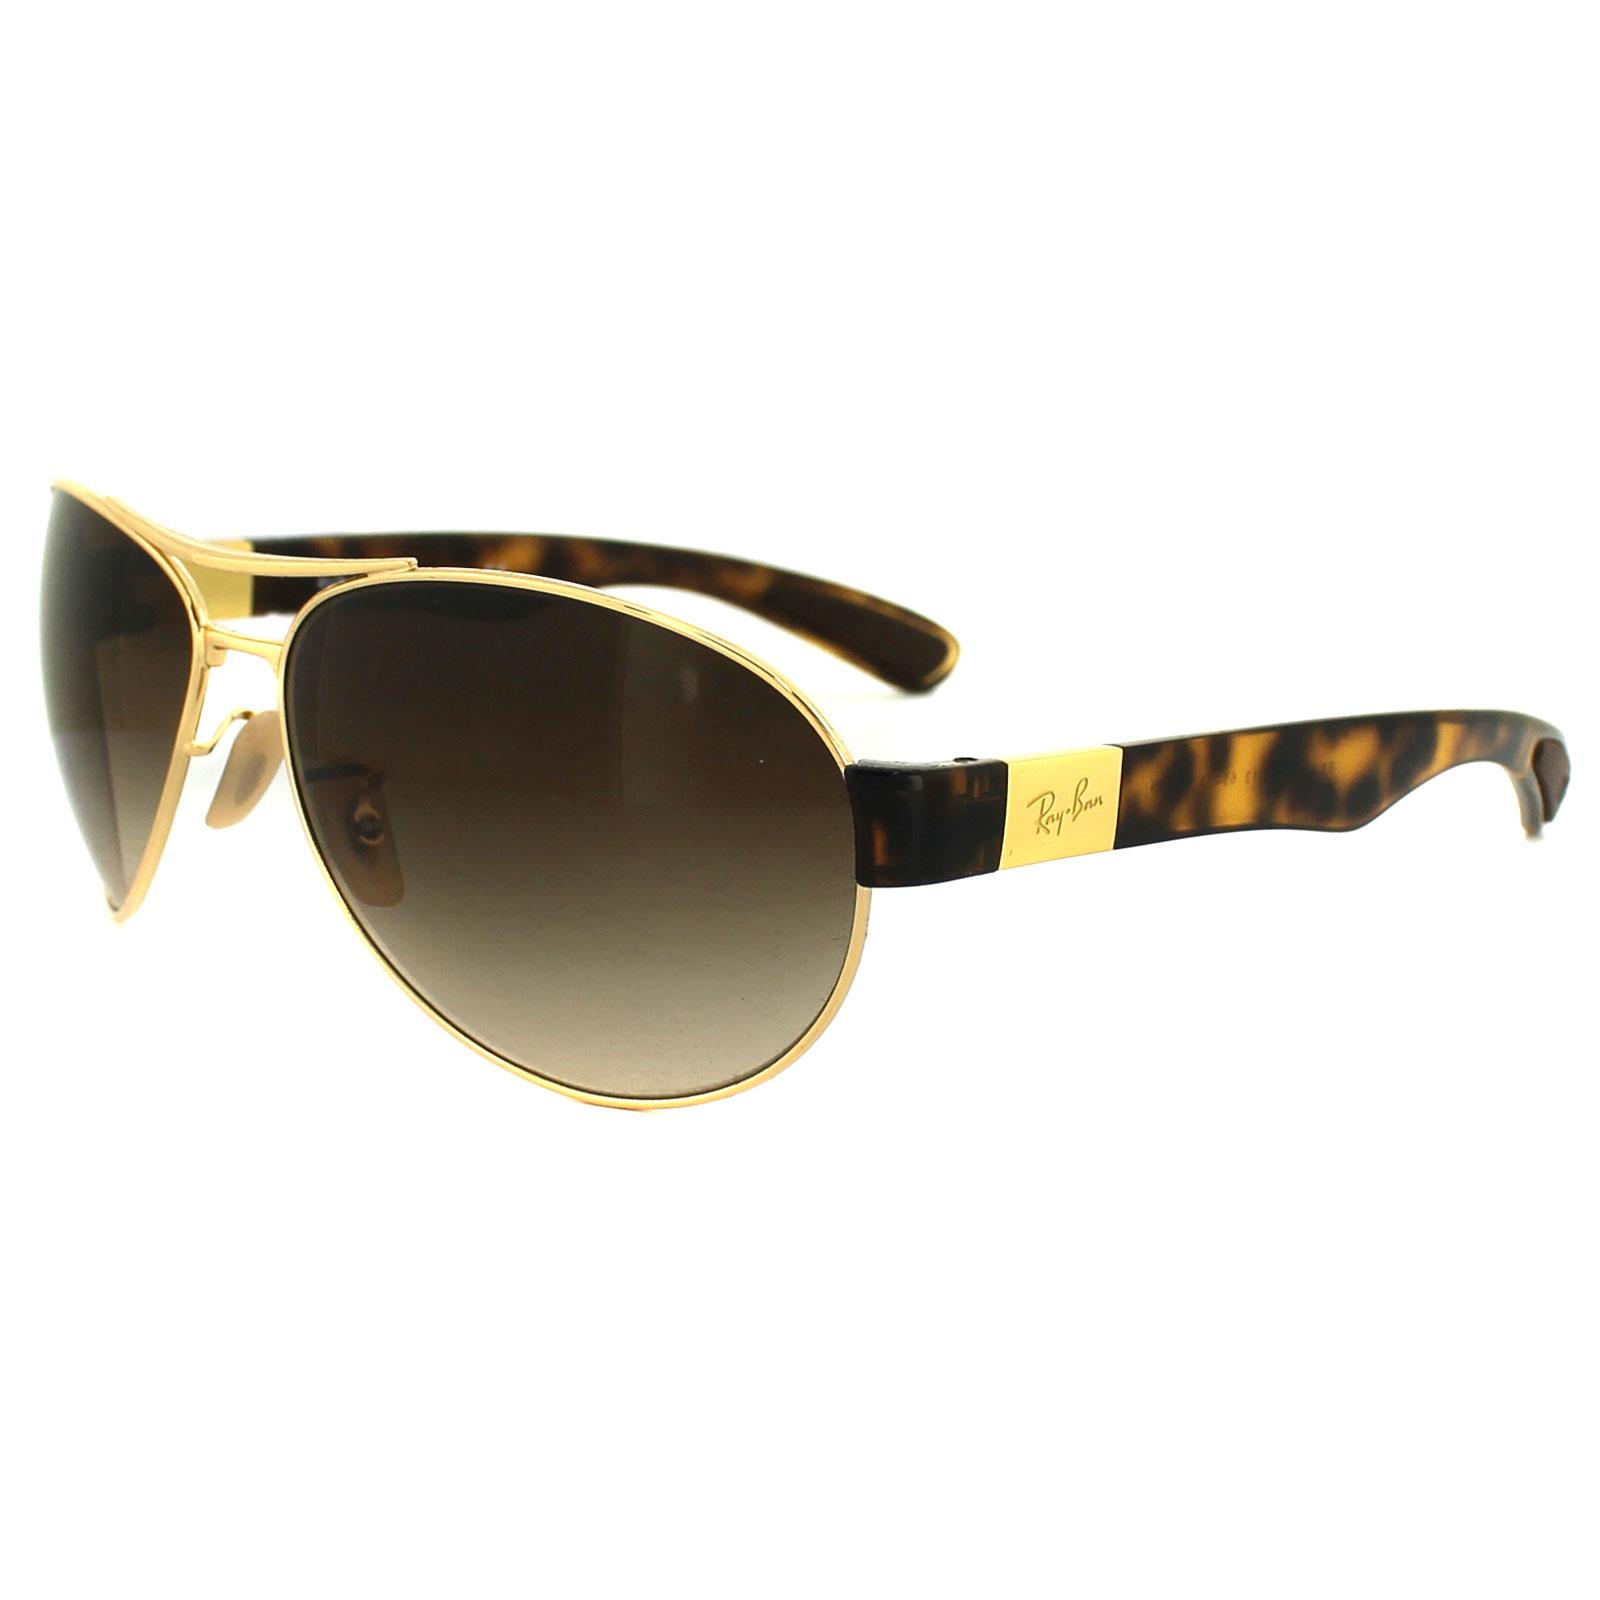 Ray ban gafas de sol 3509 001 13 dorado havana marron - Gafas de proteccion ...